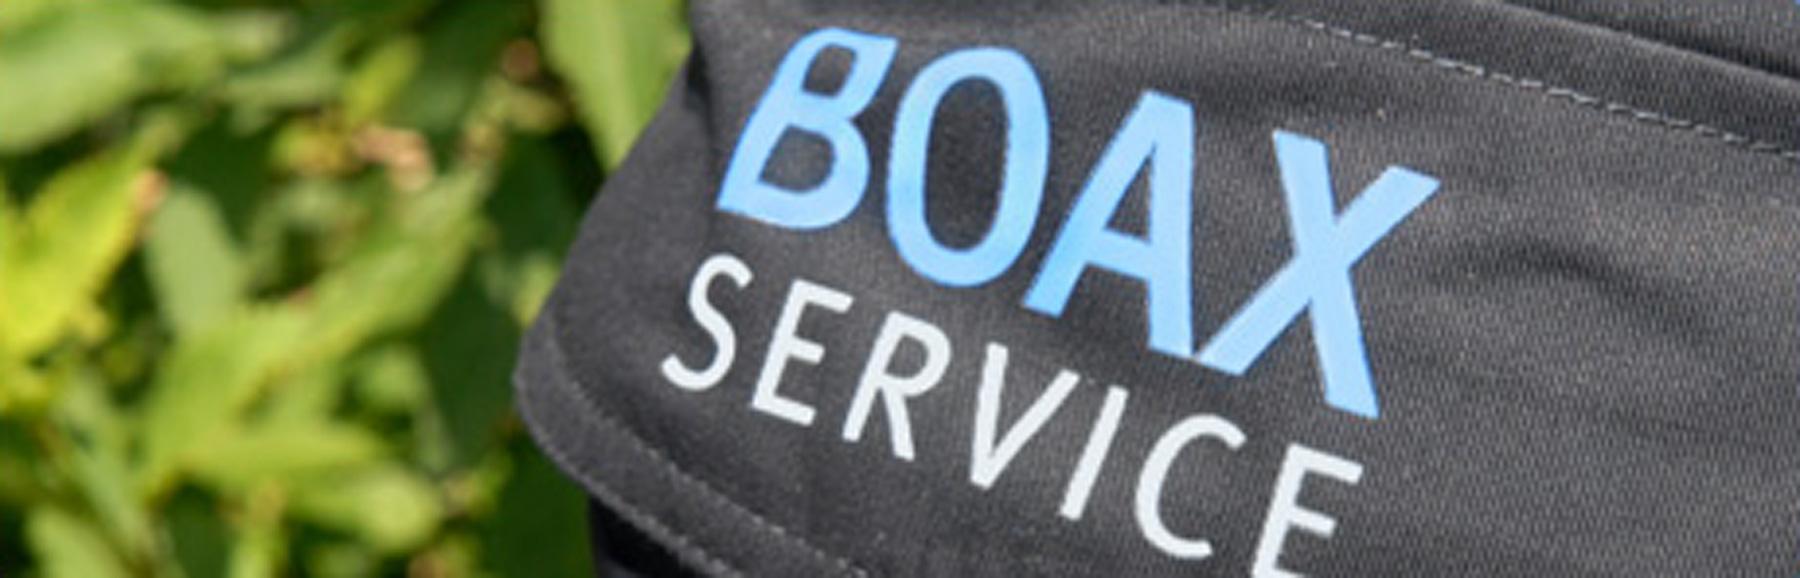 Boax logo på byxben